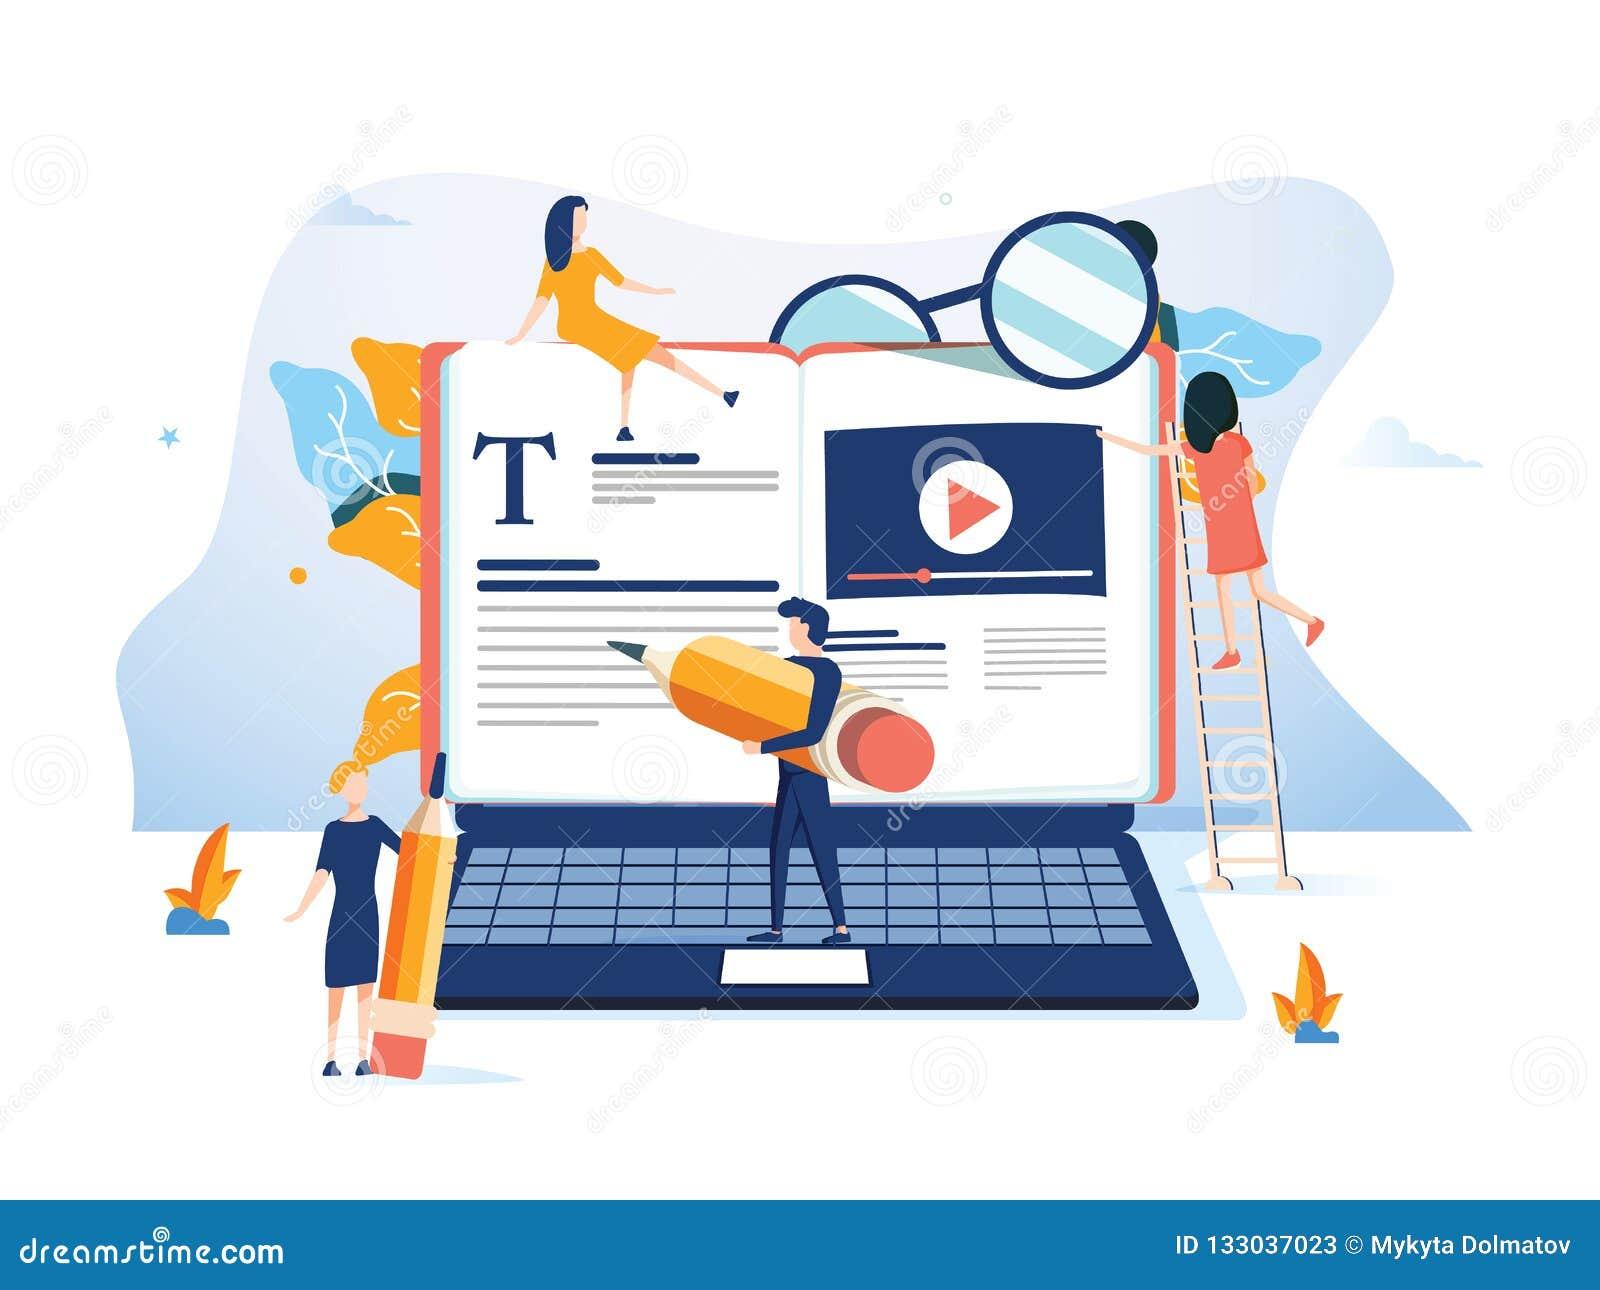 Профессиональная подготовка концепции, образование, видео- консультация для интернет-страницы, знамени, представления, социальных